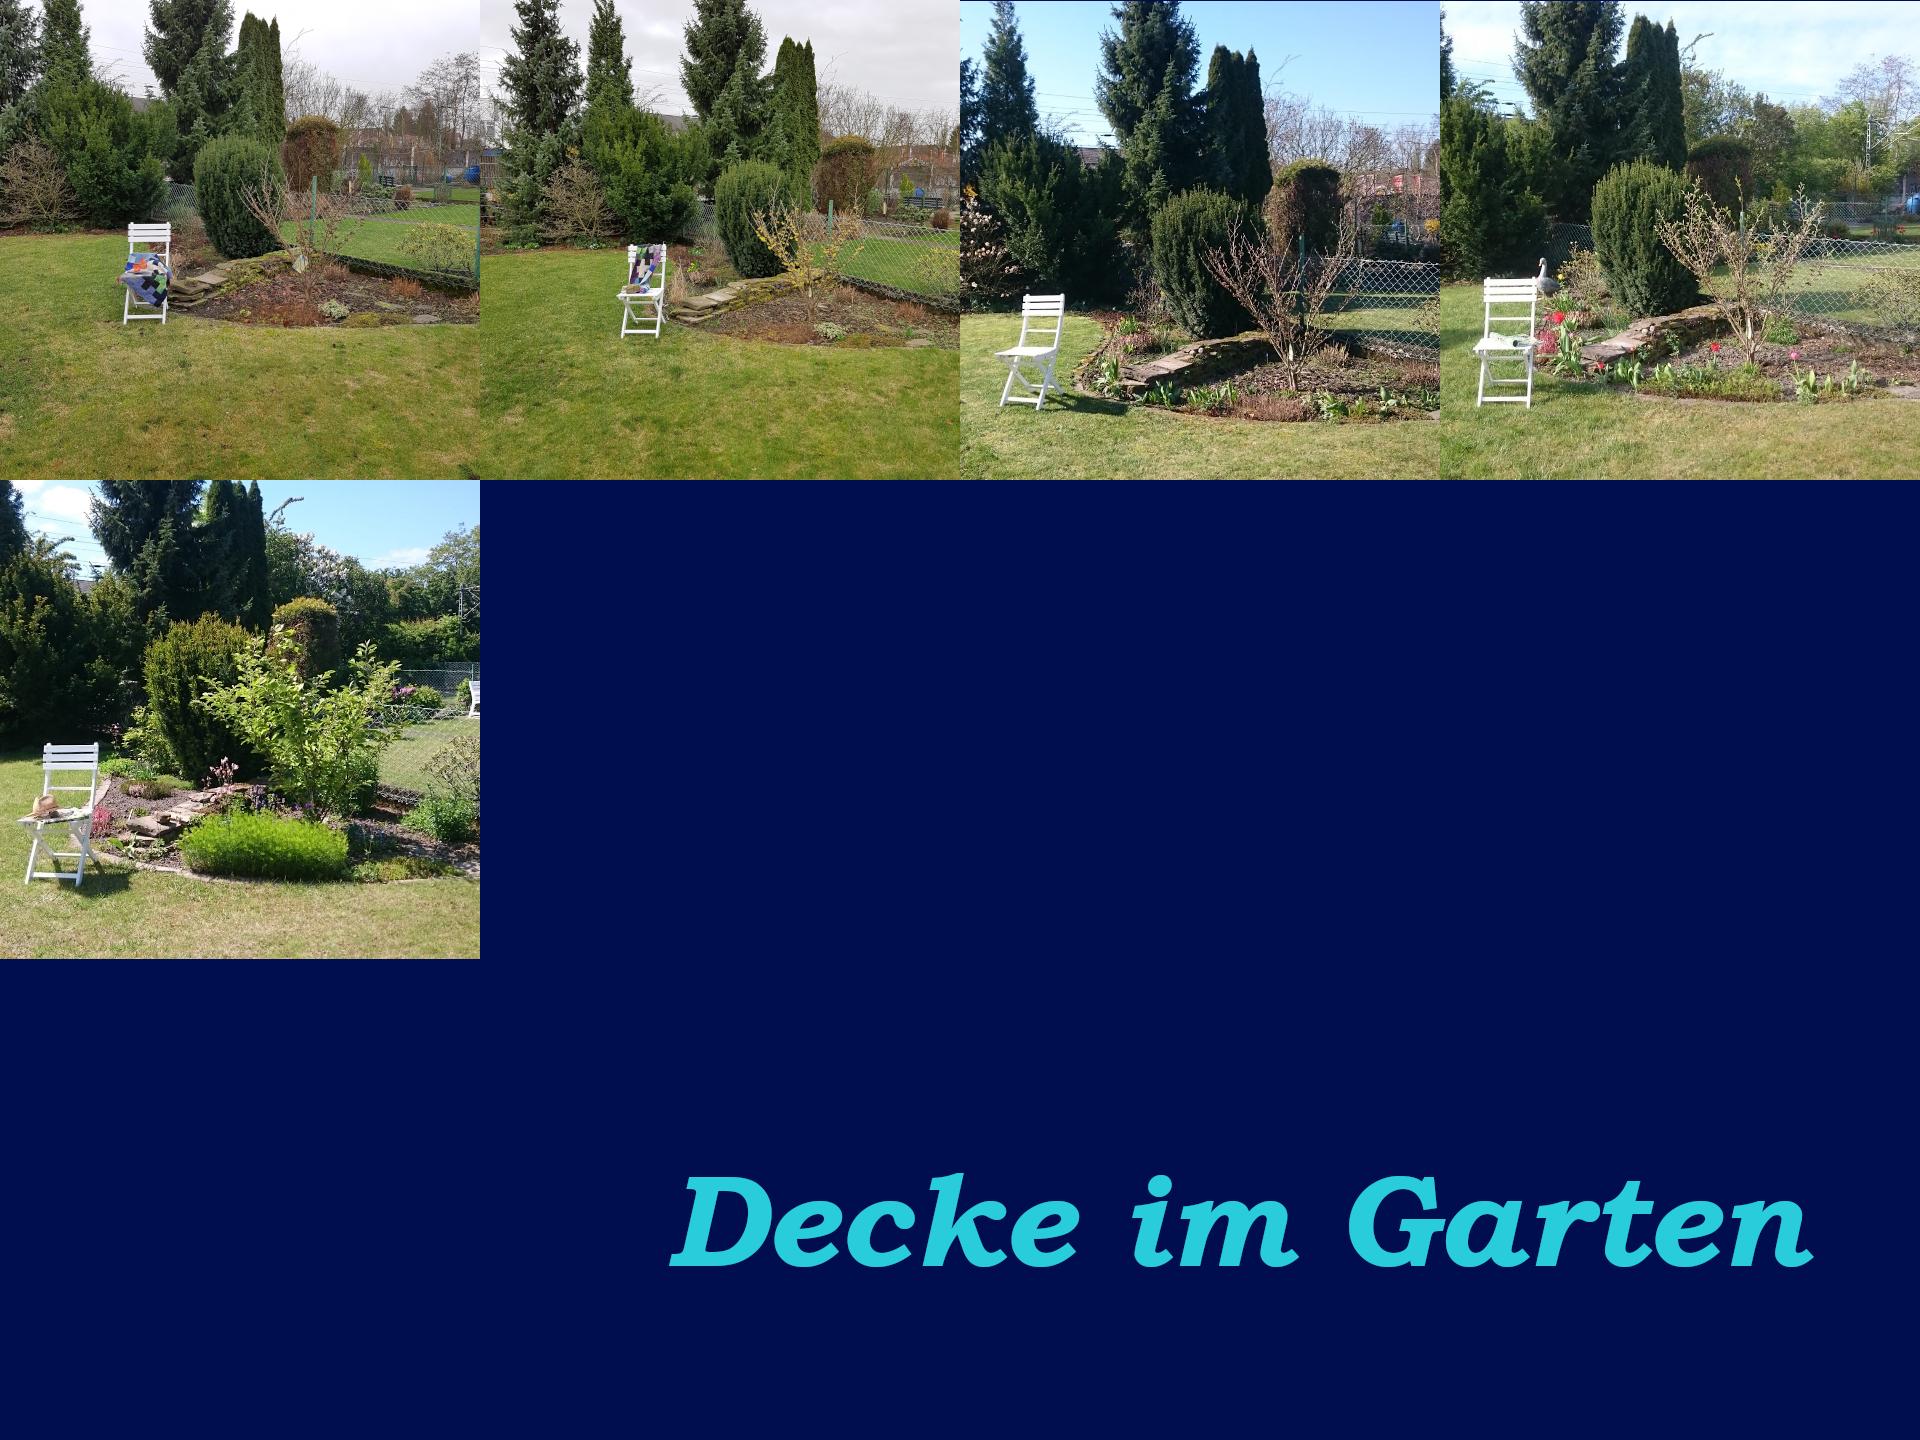 Die Veränderungen im Garten sind deutlich sichtbar. Es wird Sommer.